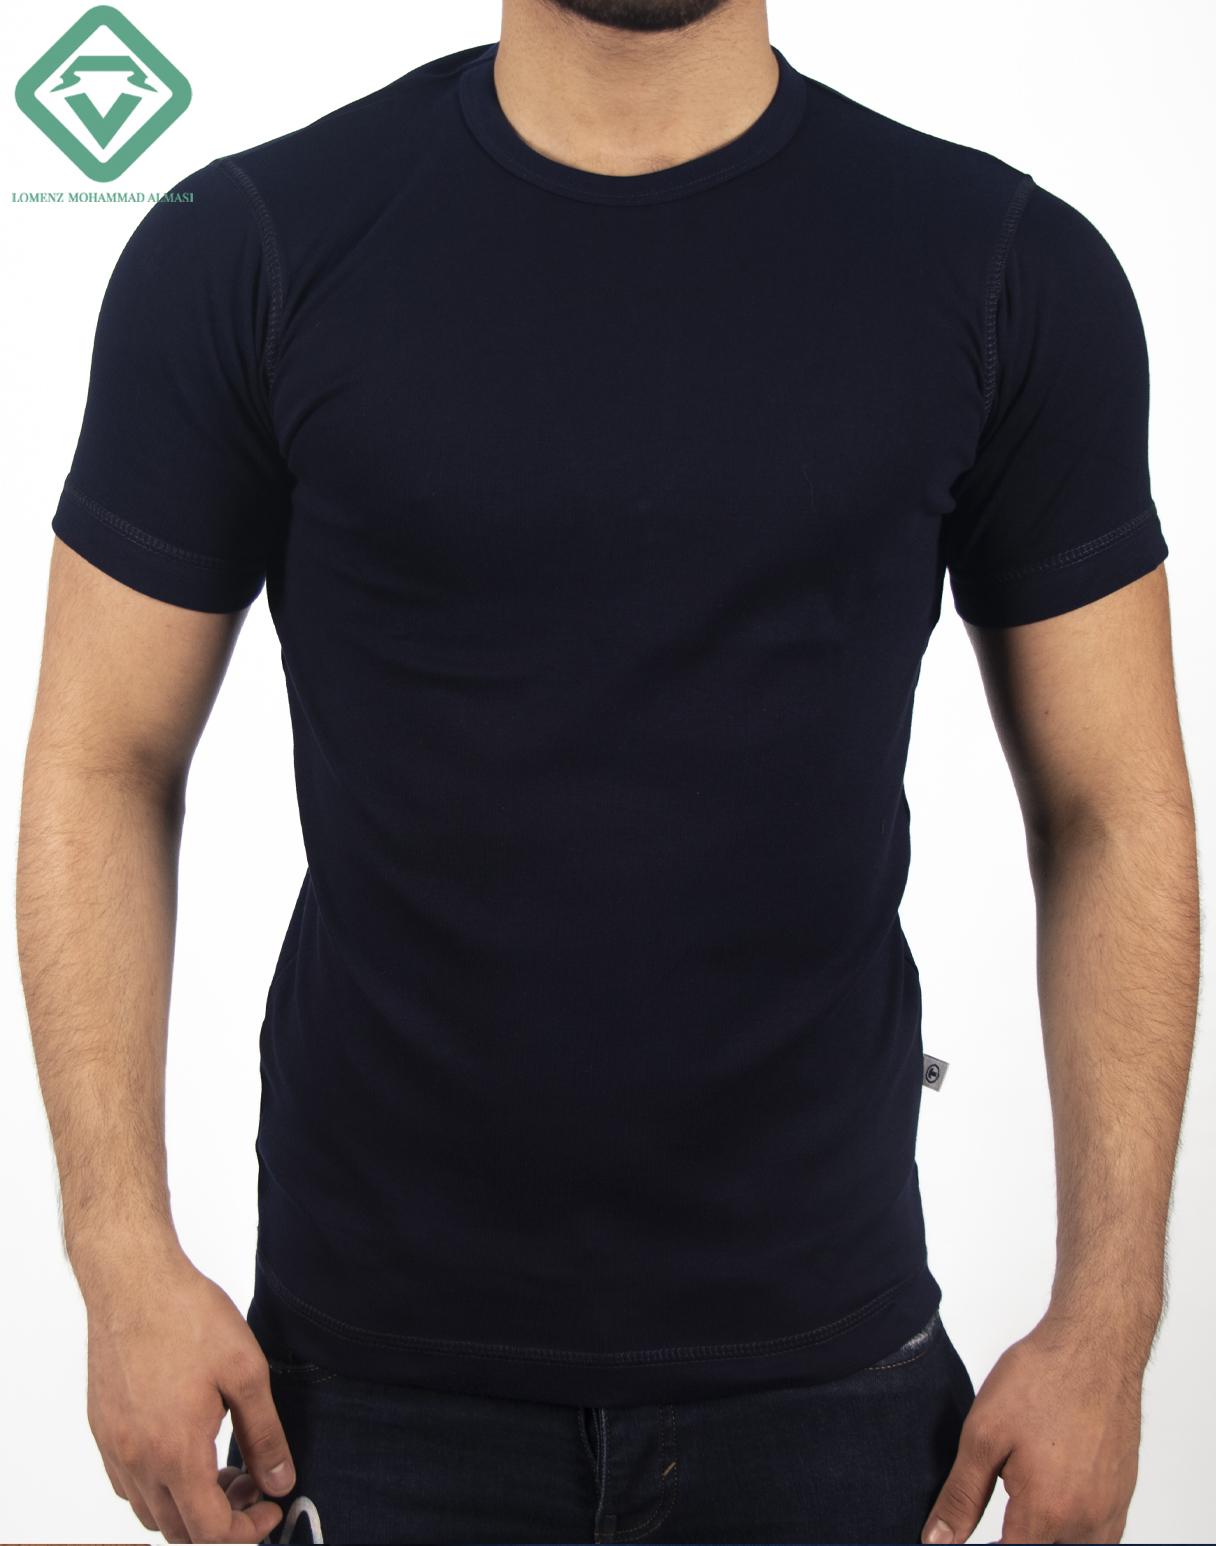 تیشرت تام تیلور رنگ سرمه ای | فروشگاه لومنز